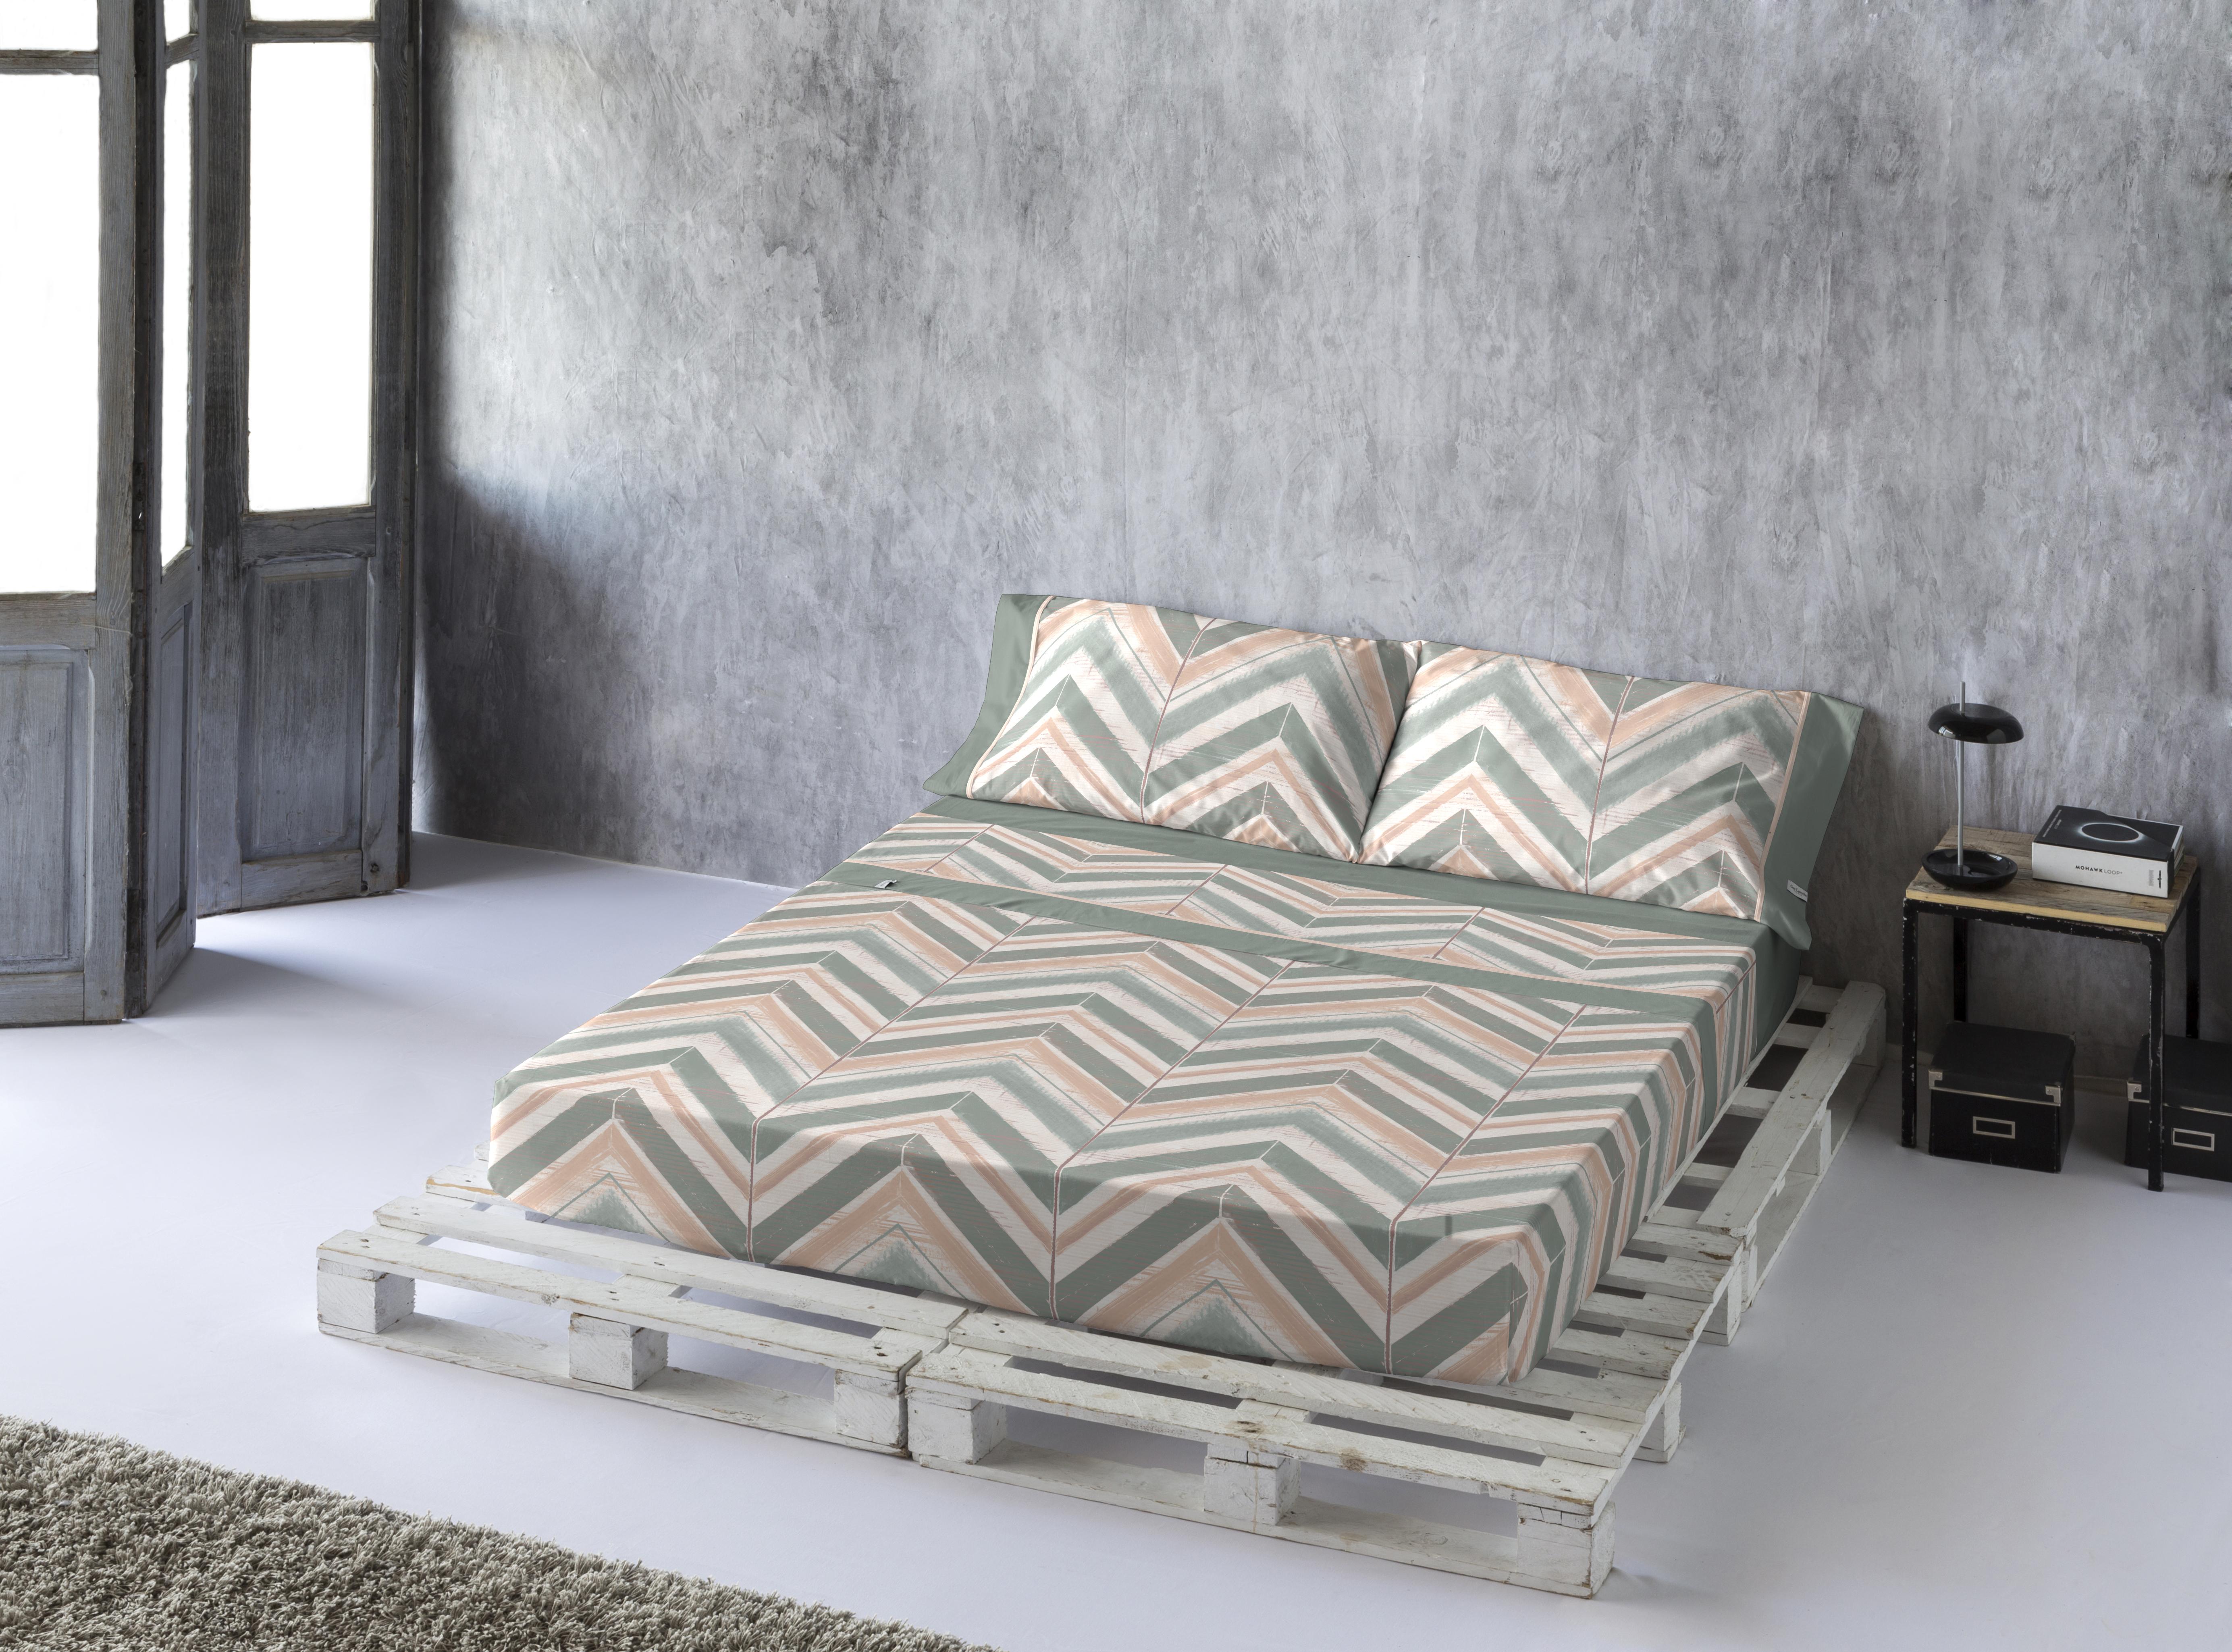 Drap de lit en coton bicolore 160x280